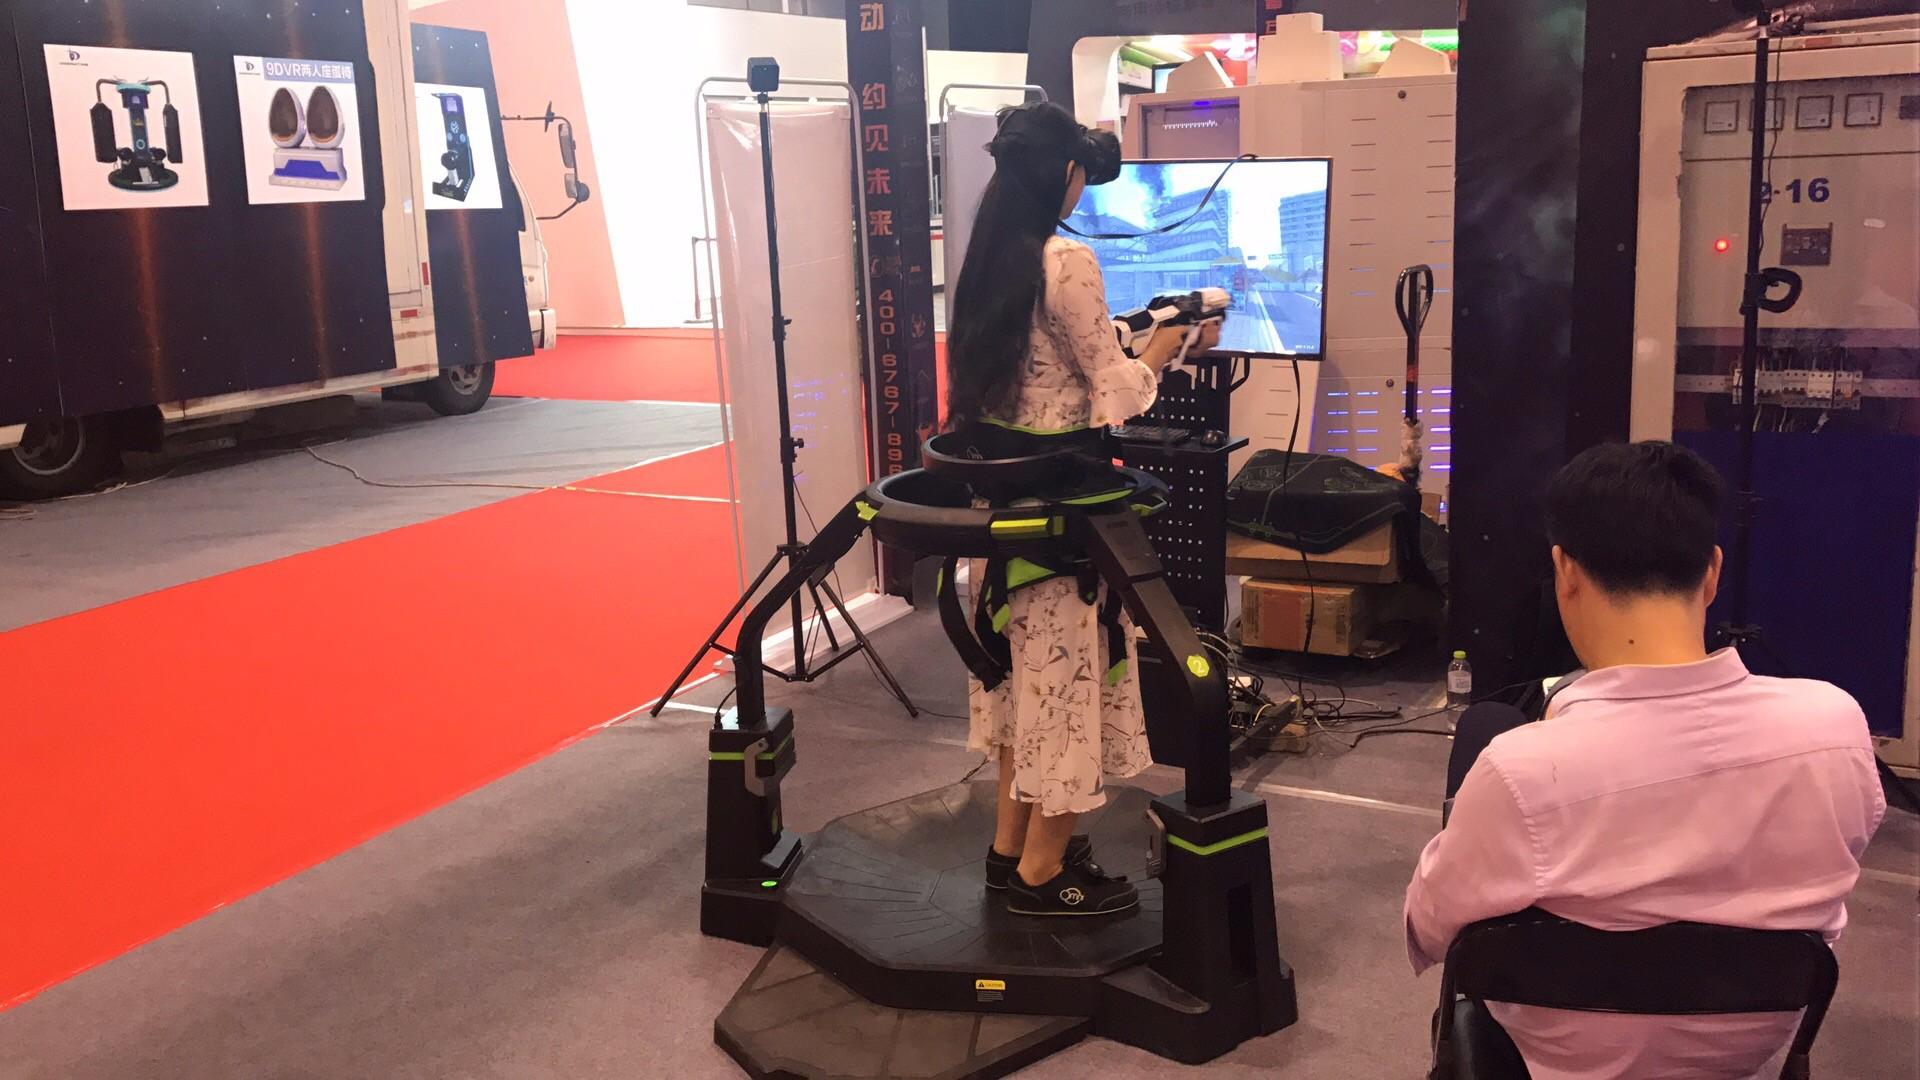 vr设备厂家 vr体验馆加盟 TOPOW vr设备 vr设备工厂 vr科普教育 蛋壳影院 vr时空穿梭 vr360度飞行器 vr上市公司 vr虚拟现实设备